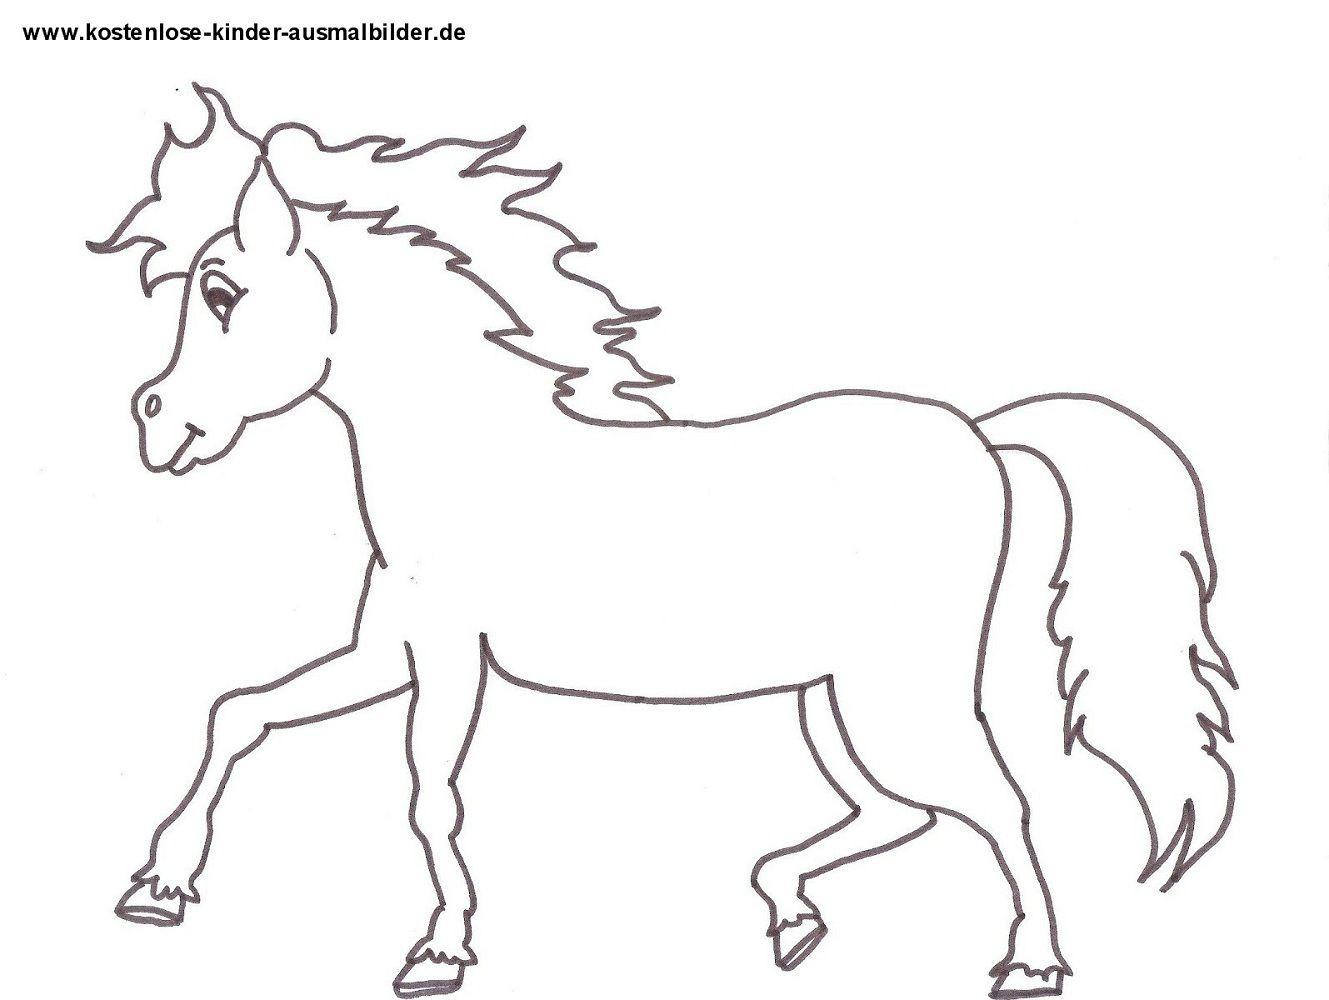 Ausmalbilder Pferd  Ausmalbilder Pferde Gratis Ausmalbilder Pferde Kostenlos